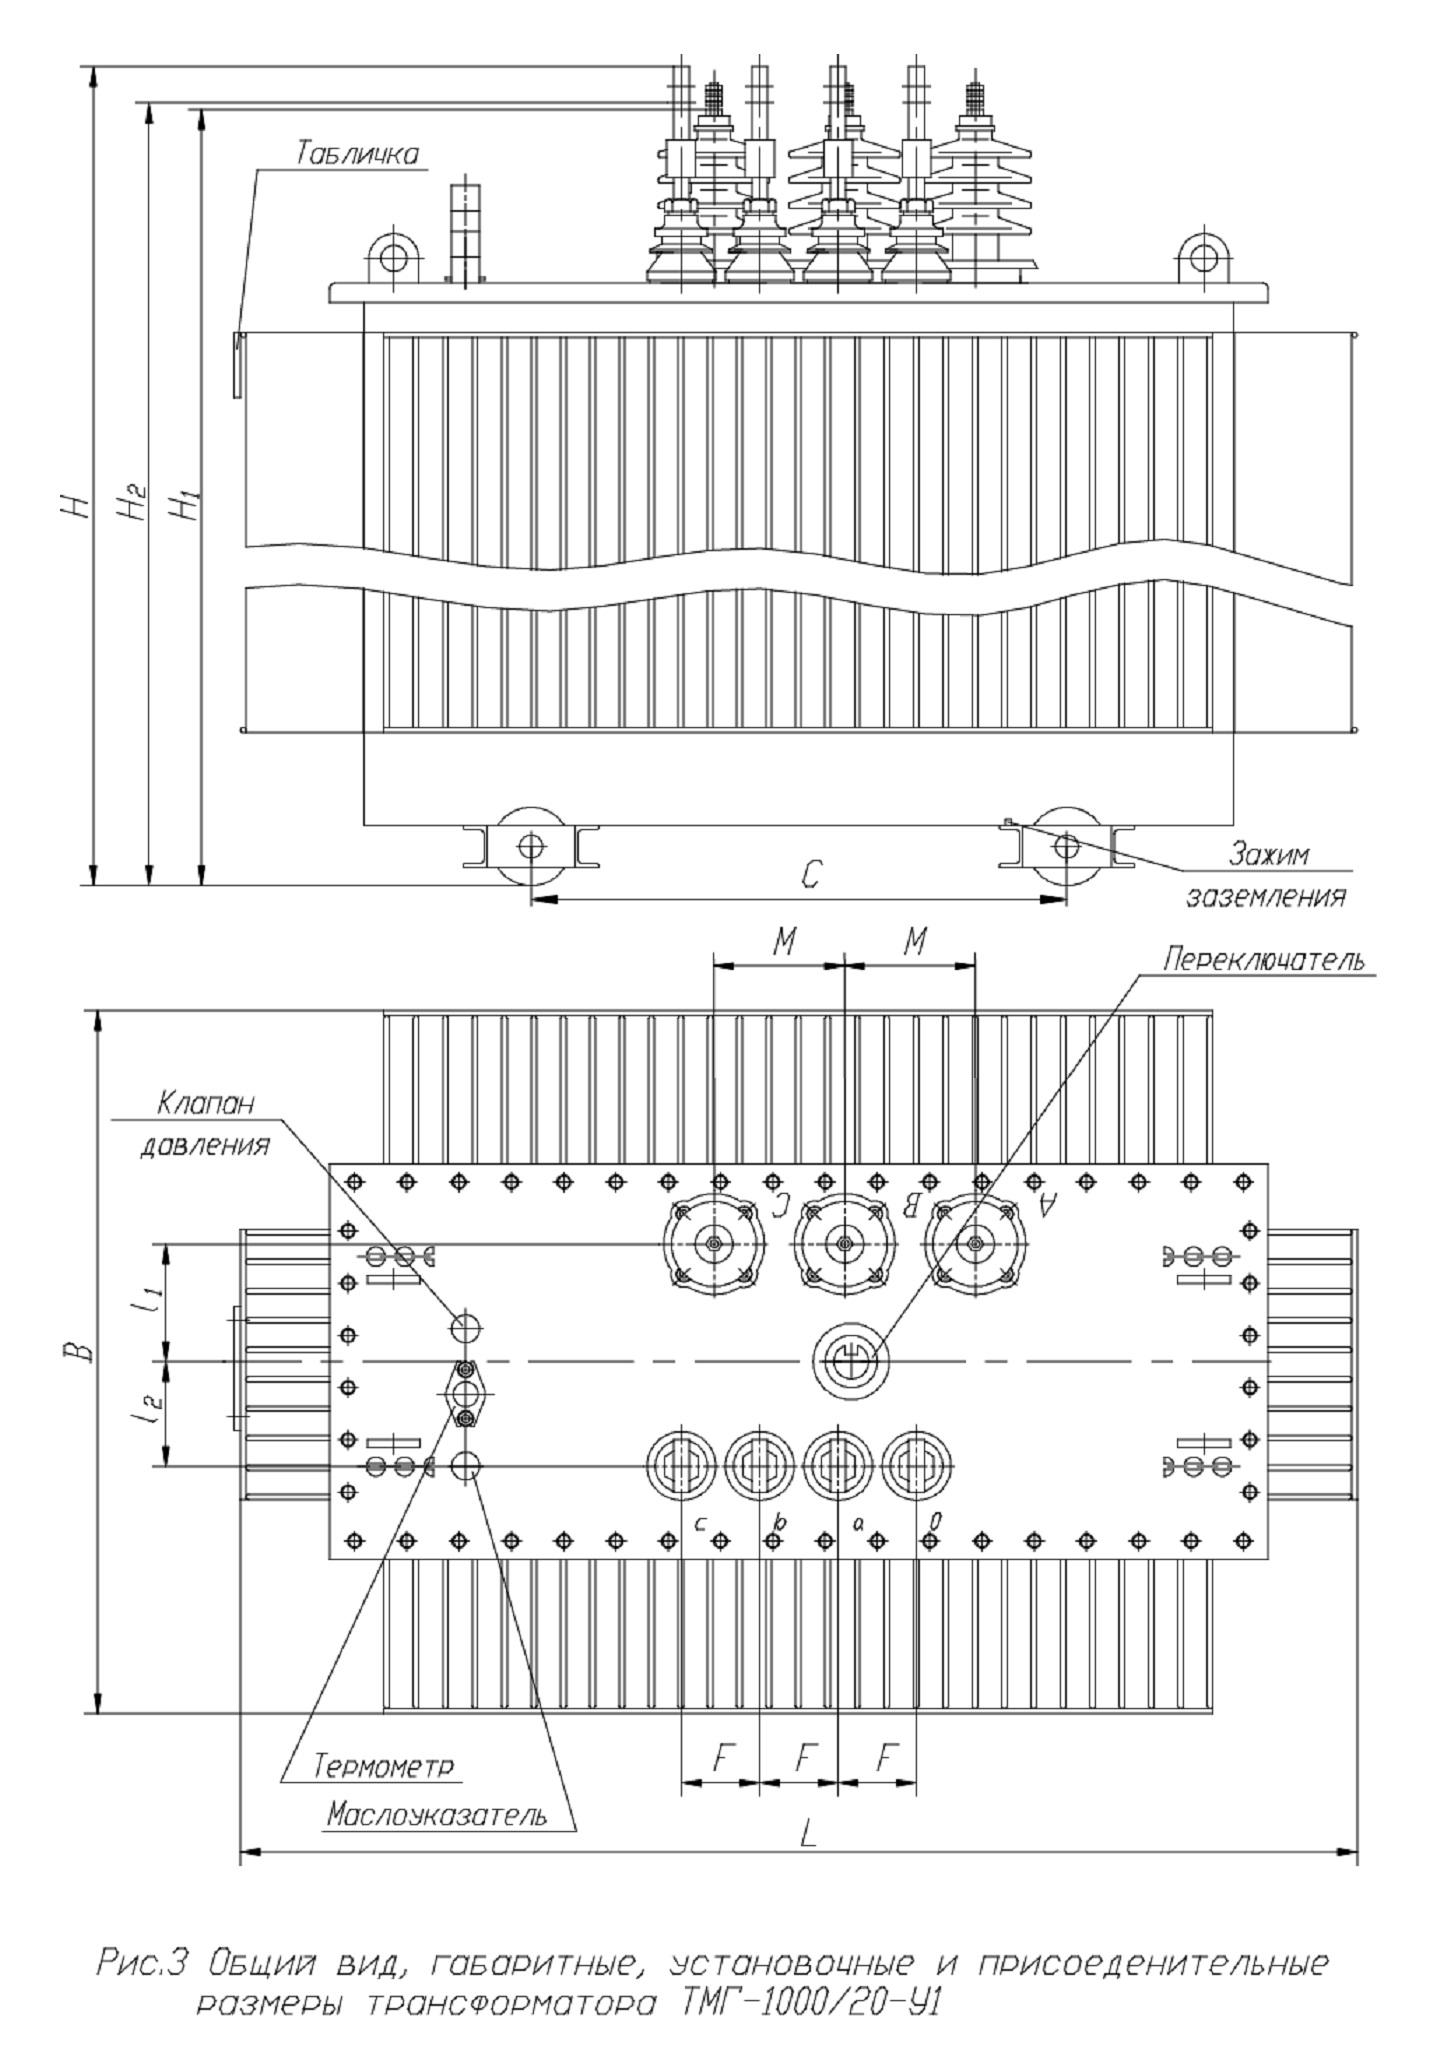 Трансформаторы трехфазные масляные герметичные класса напряжения 6 и 10 кВ (с медными обмотками)